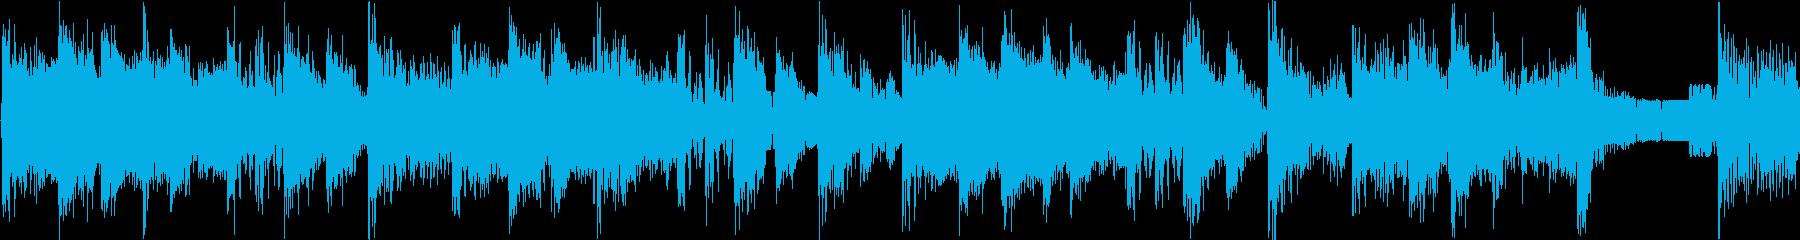 攻撃的なビートの効いたジングル_ループの再生済みの波形